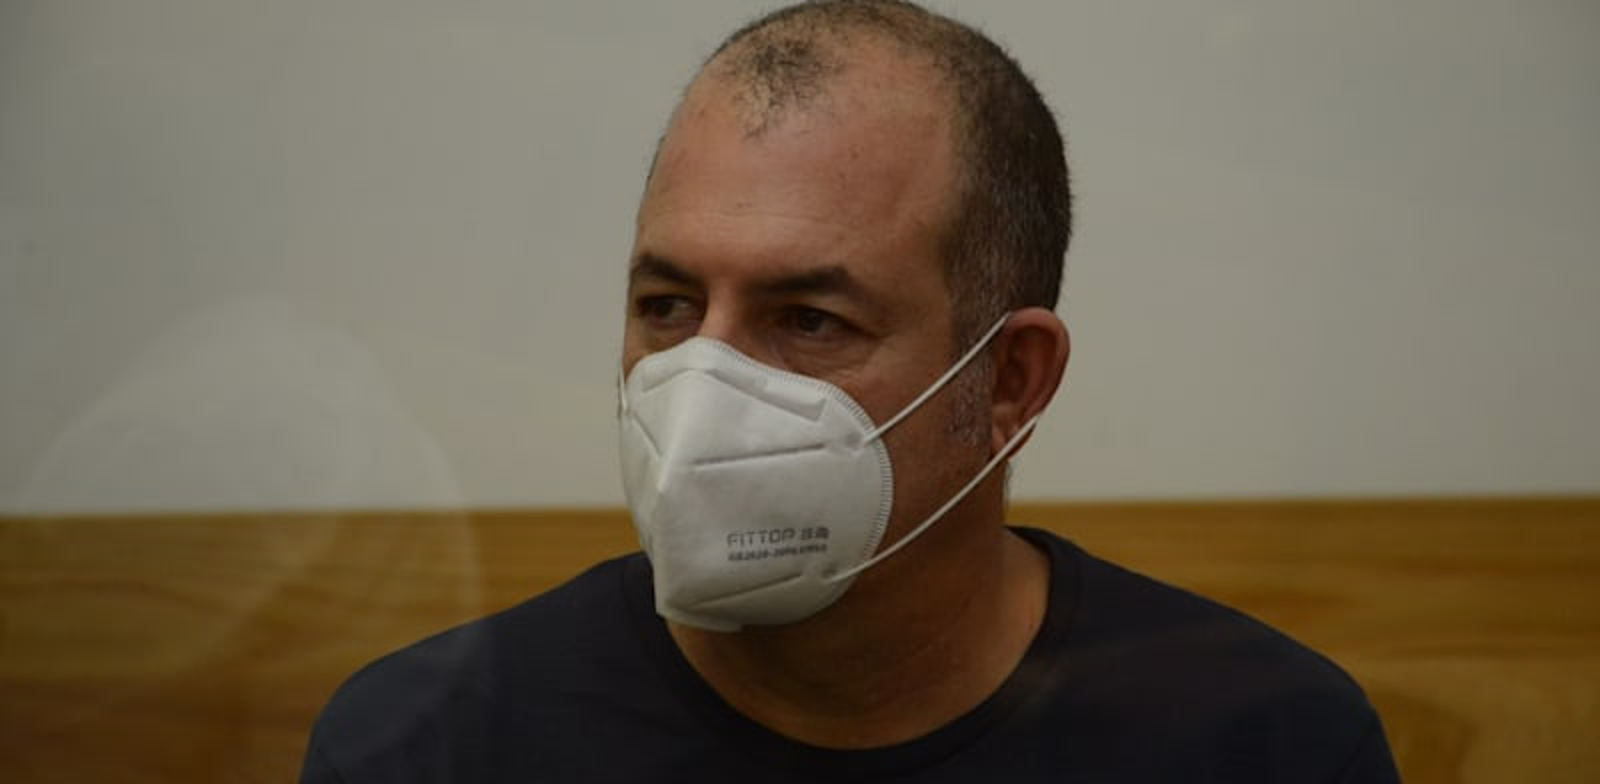 אמיר ברמלי בבית המשפט / צילום: איל יצהר